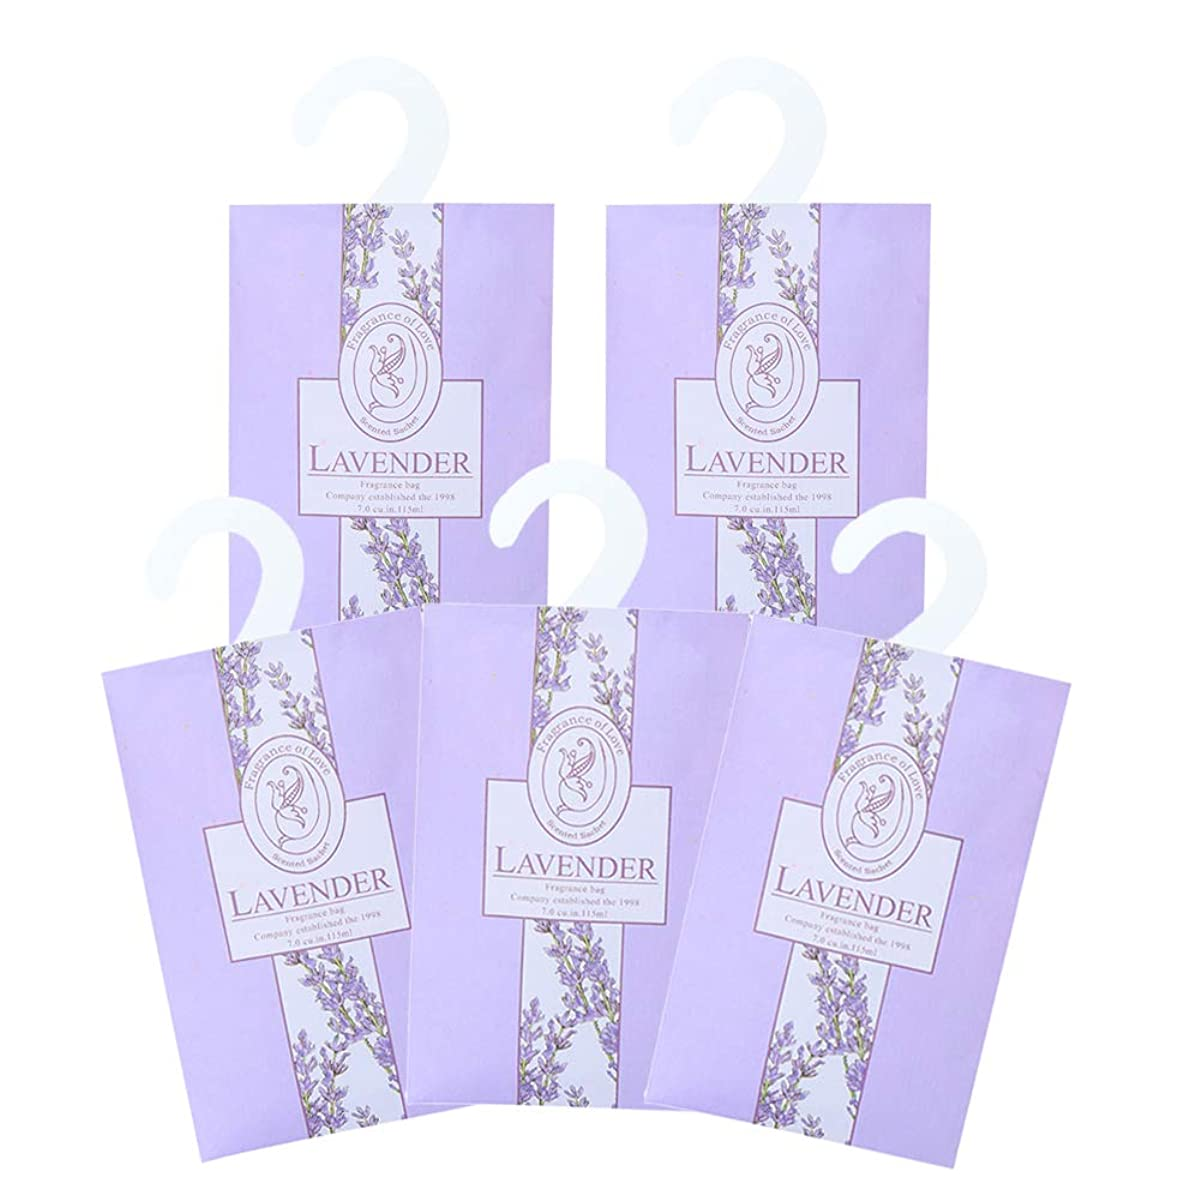 ポスターハンディヒールTINKSKY 香り袋 サシェ 5枚セット 花の香り ルームフレグランス 車内用 玄関用 部屋用 着物用 芳香剤(ラベンダー)